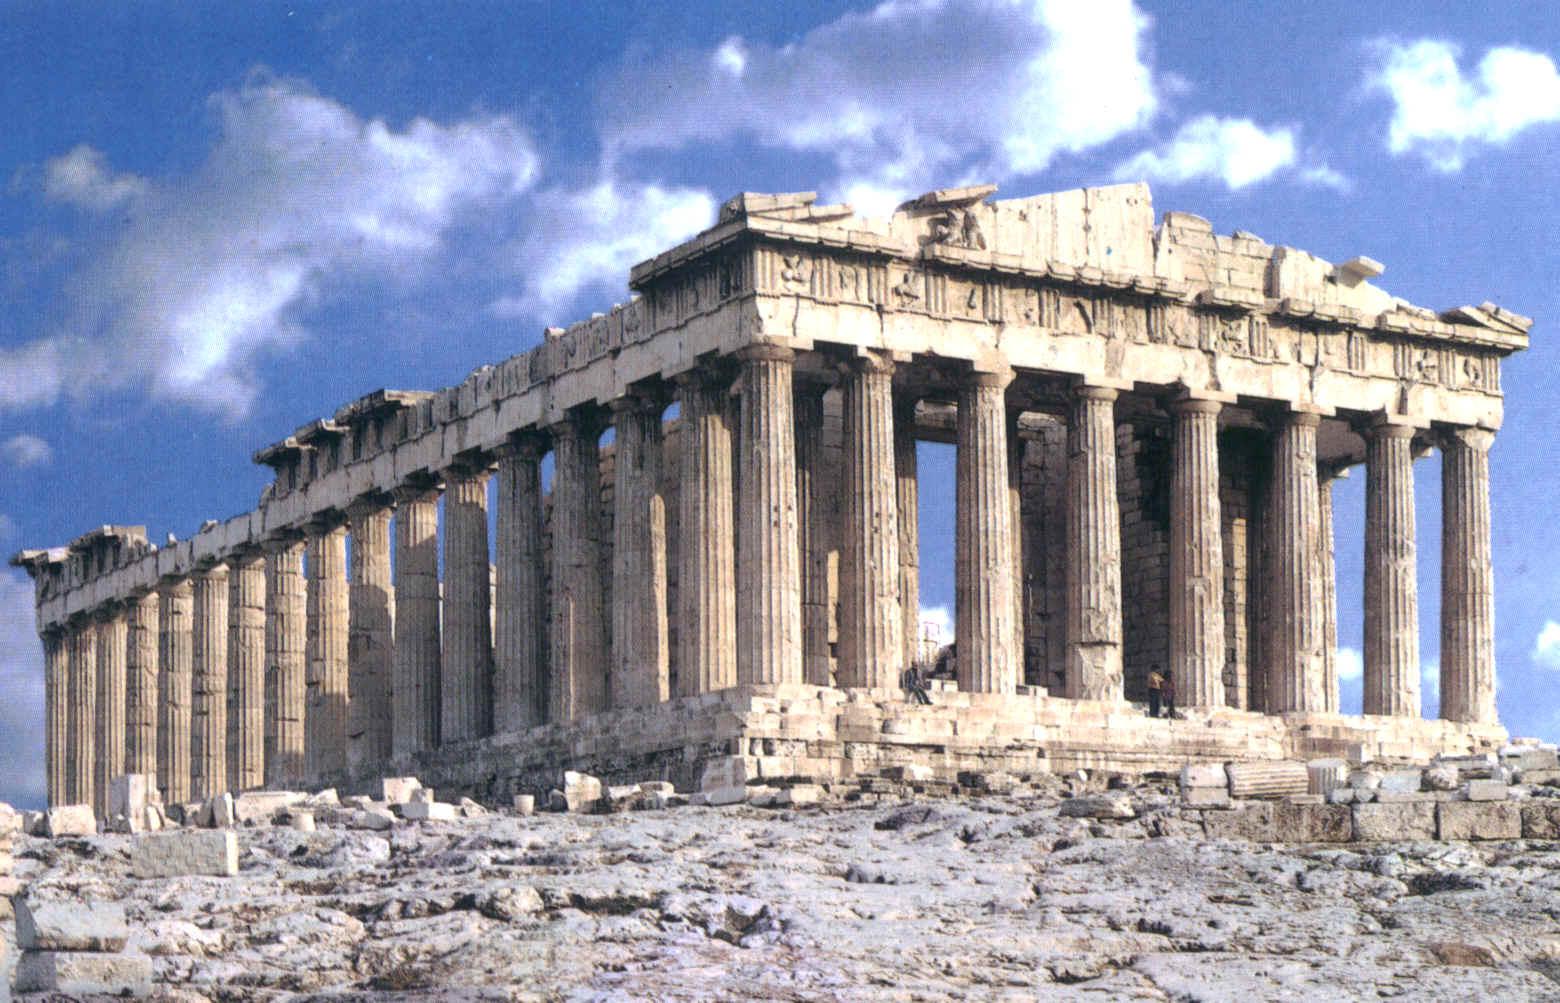 El Partenón es uno de los principales templos dóricos que se conservan, construido entre los años 447 a. C. y 432 a. C. en la Acrópolis de Atenas